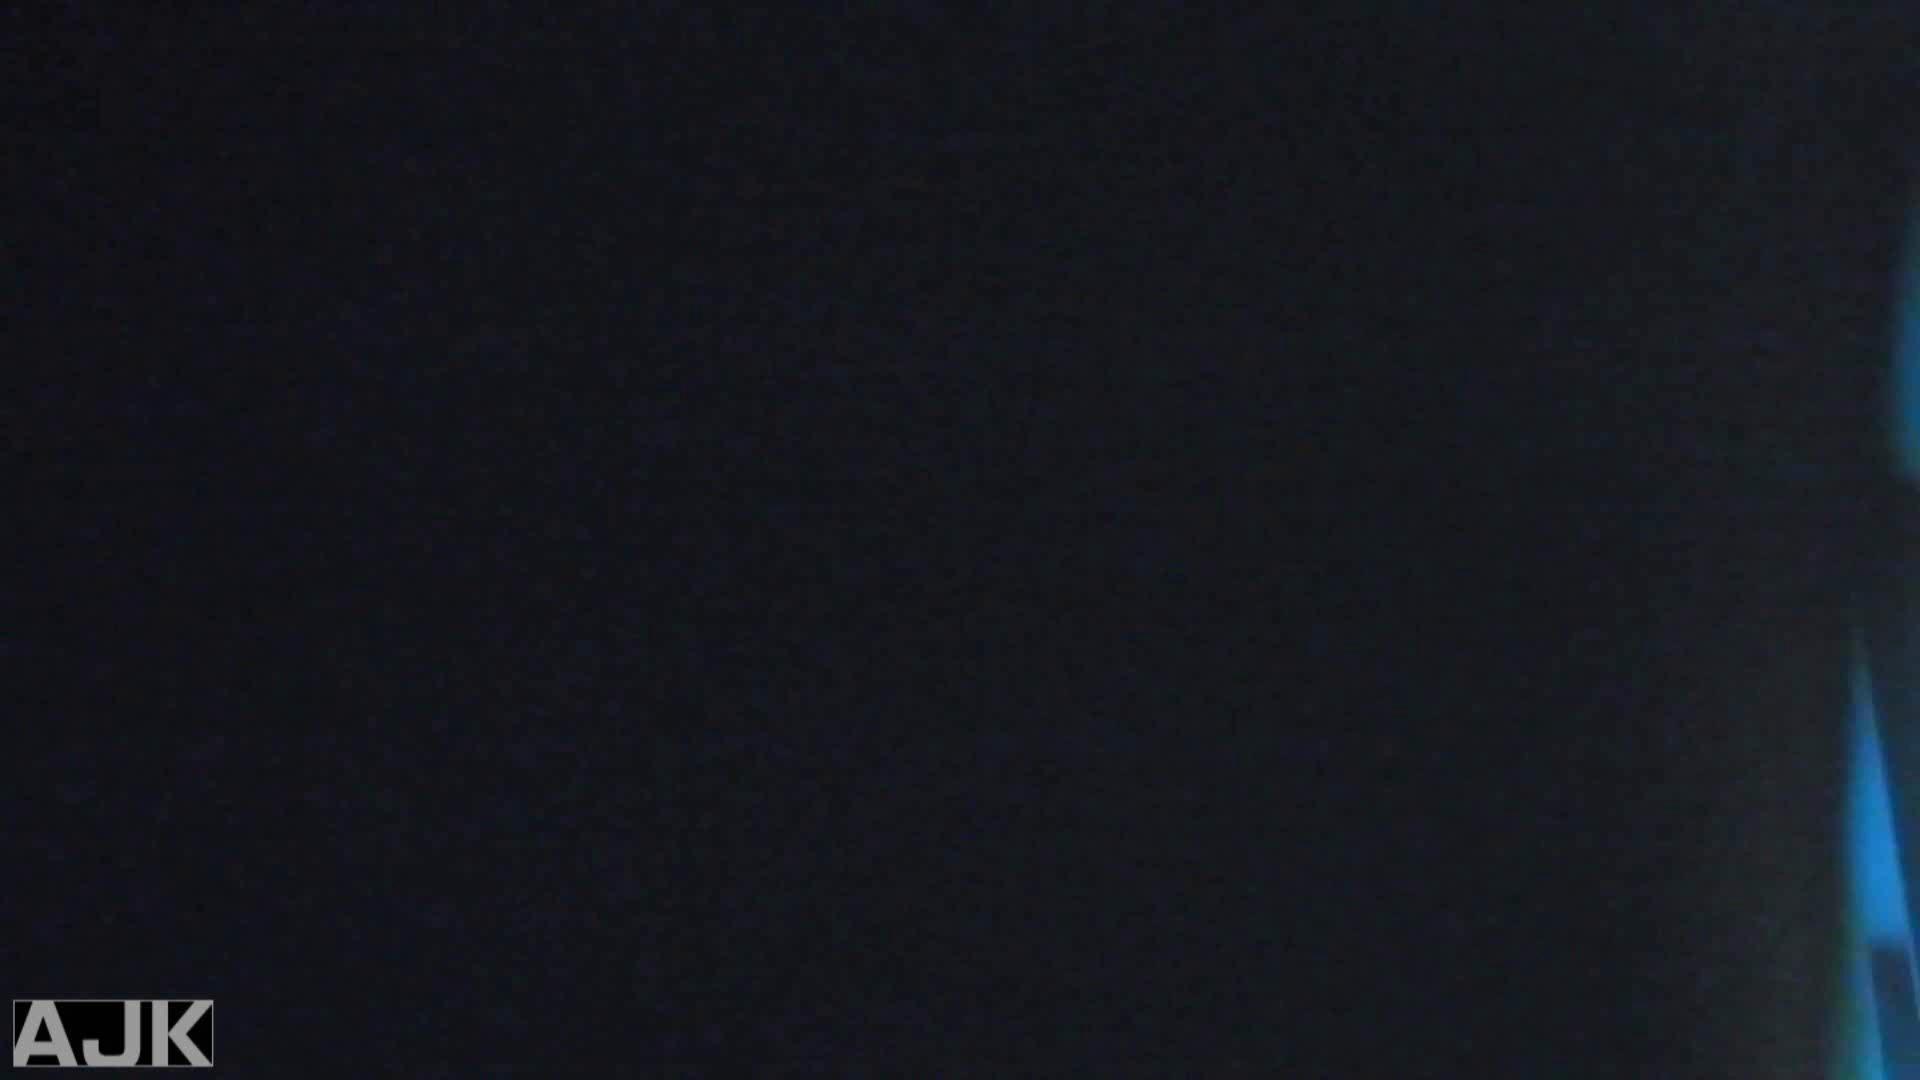 神降臨!史上最強の潜入かわや! vol.24 オマンコ  87連発 21